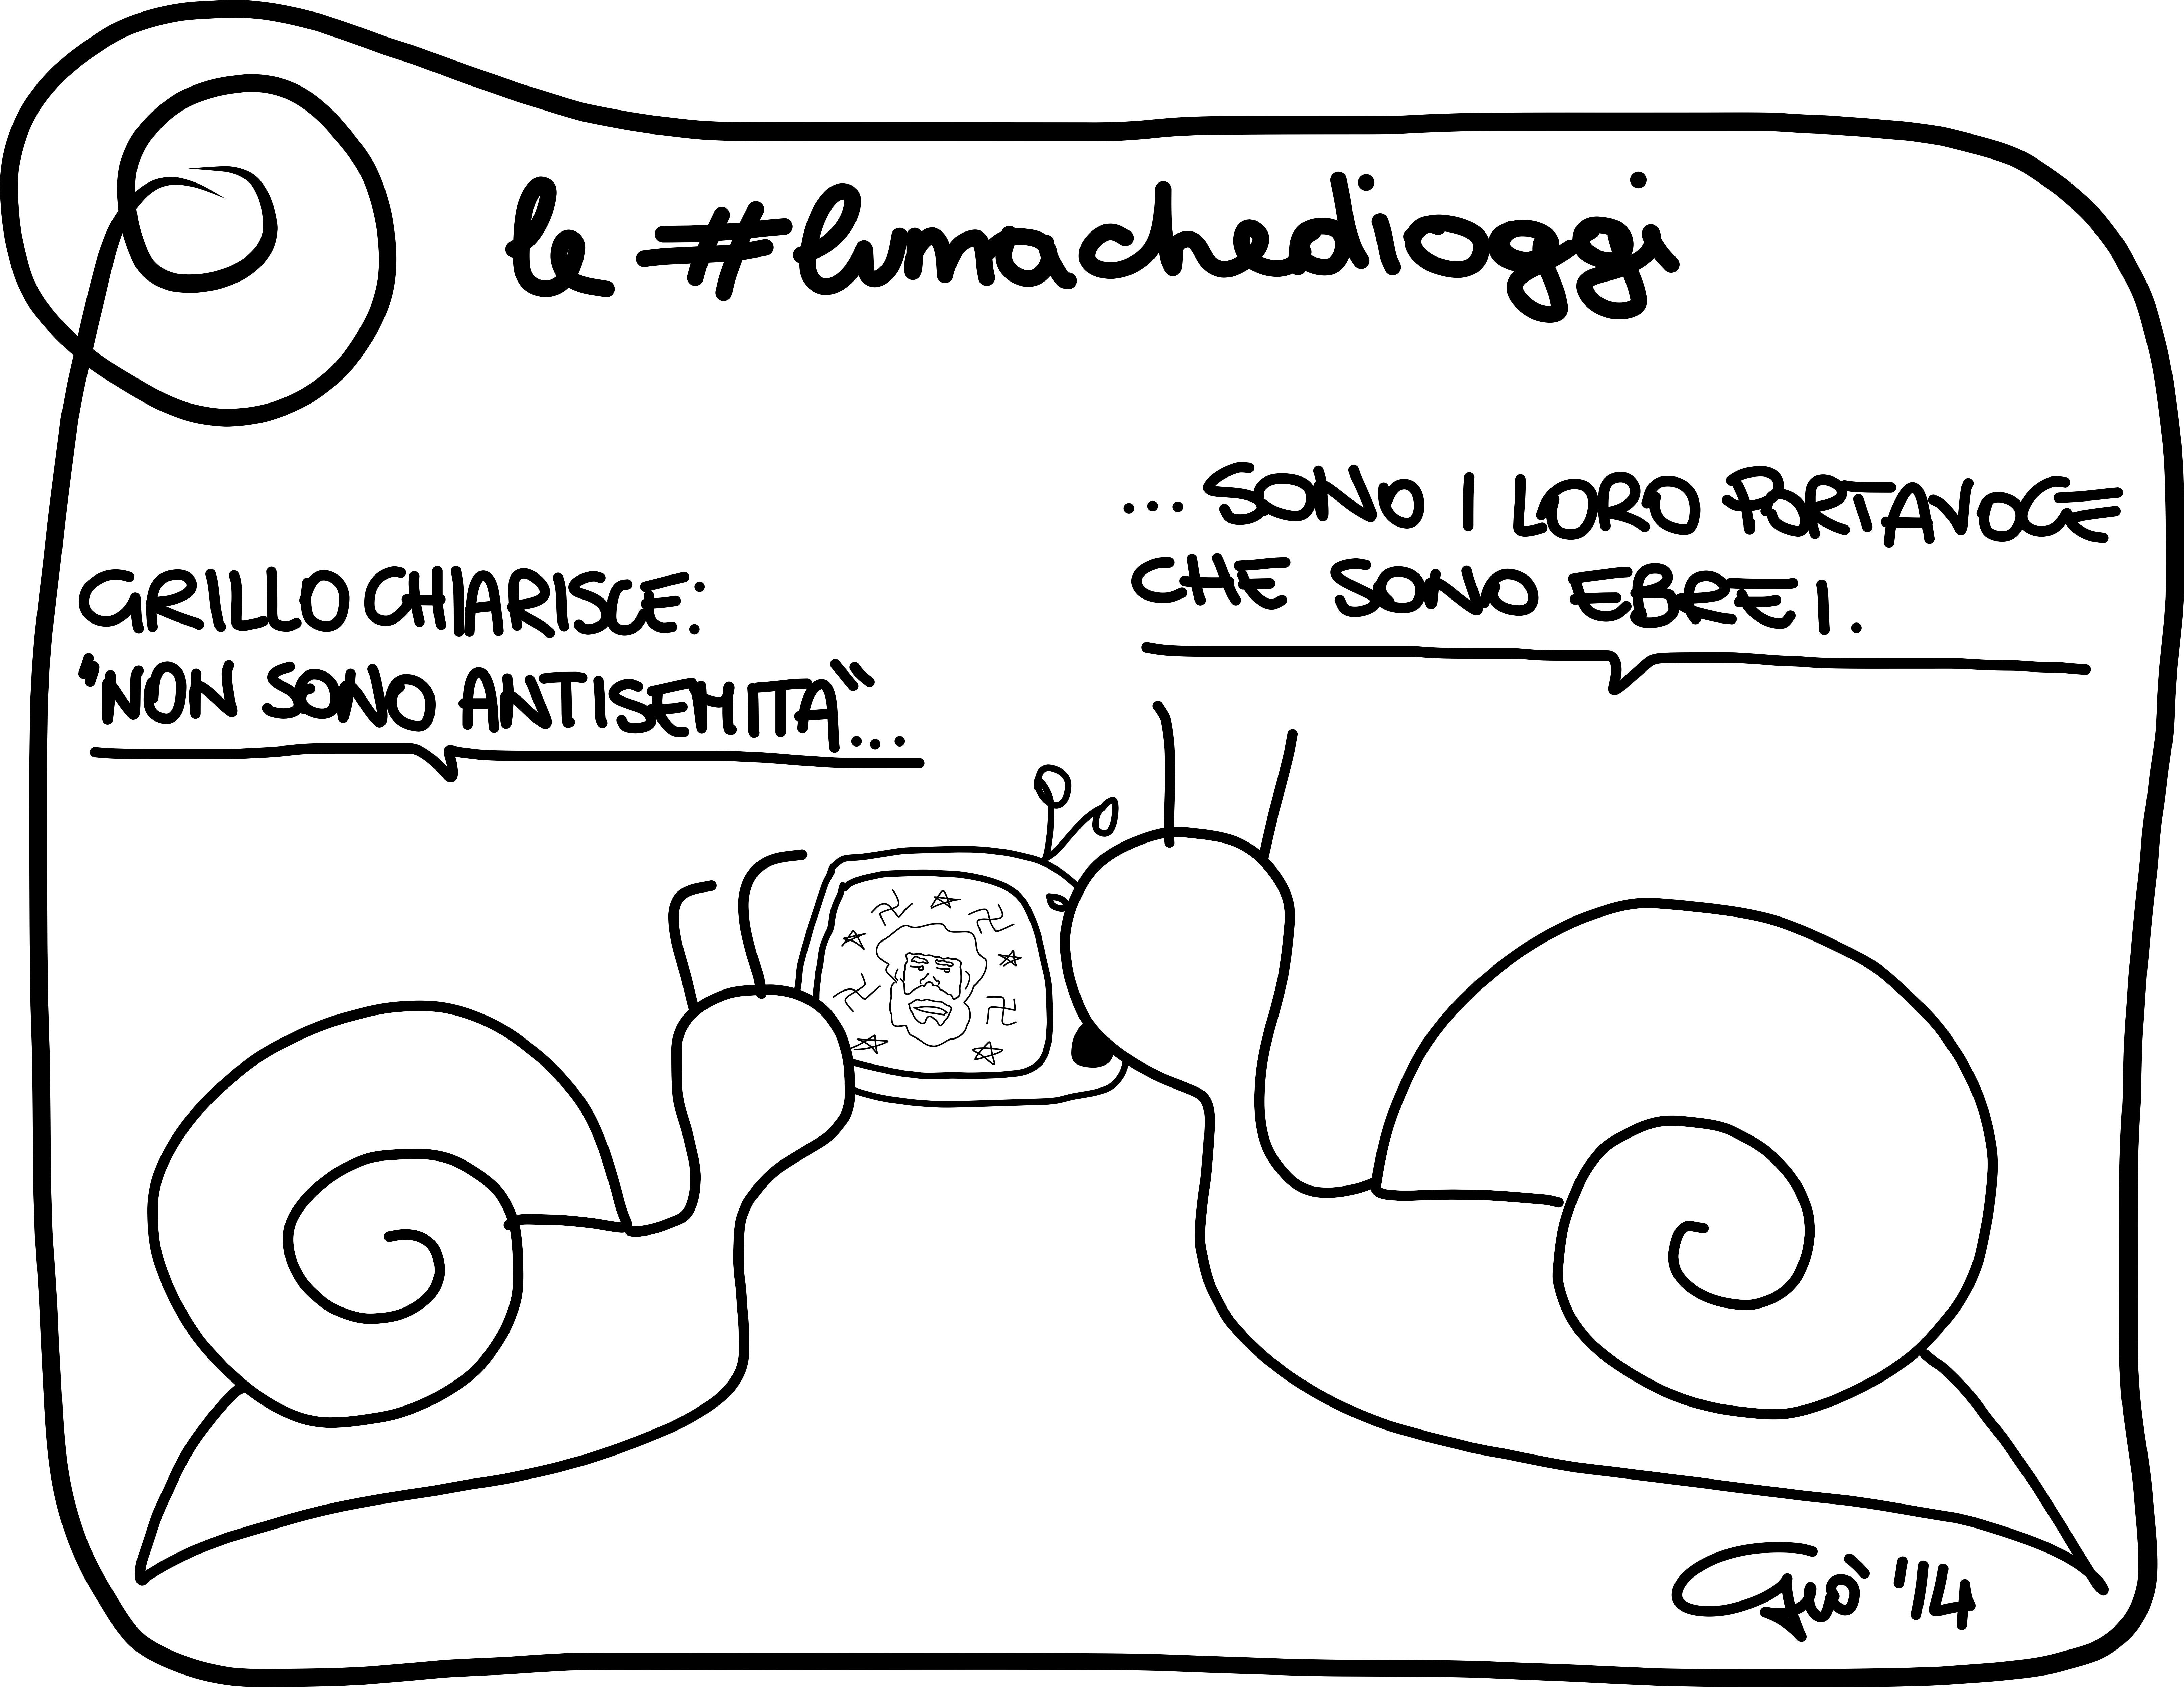 #lumachedioggi di Giovanni Laccetti del 16.4.2014